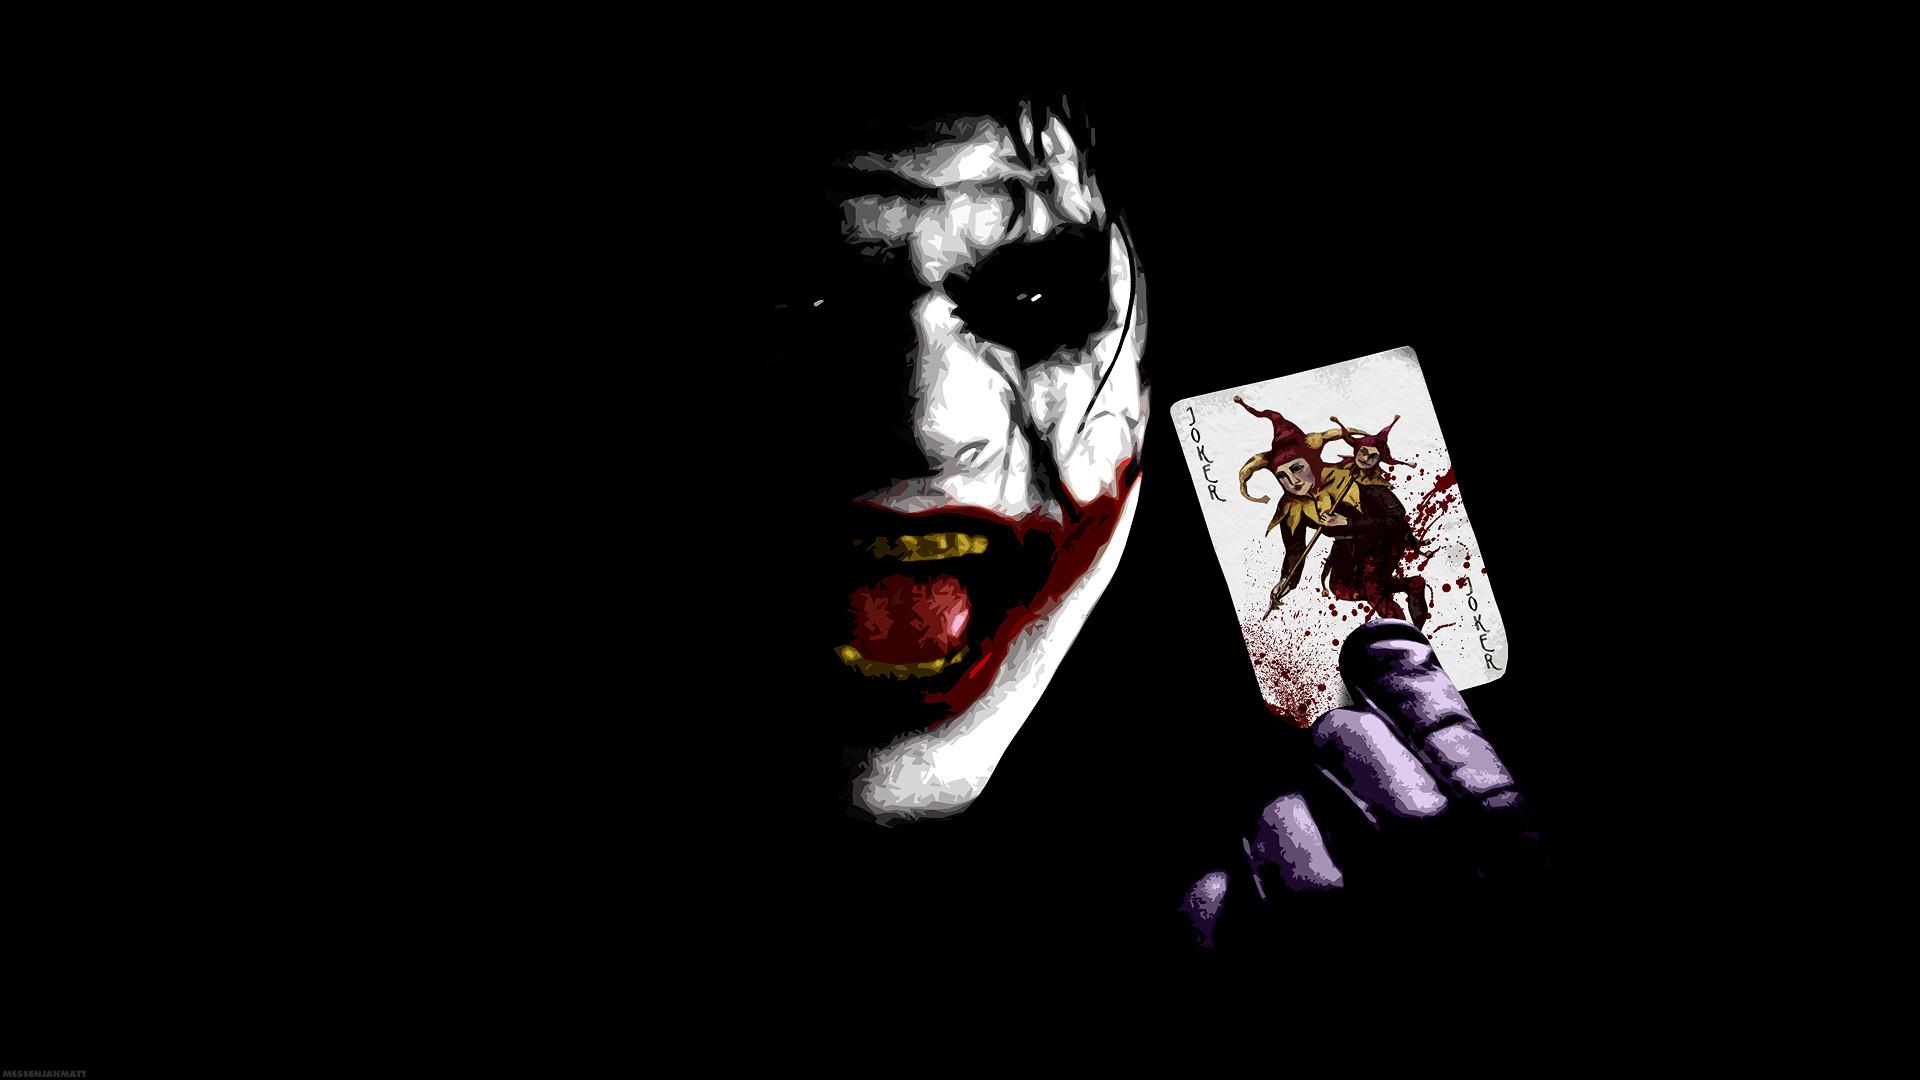 Joker Wallpaper HD Windows 10 – WallpaperSafari   #ICU   Pinterest   Joker,  Wallpaper and Batman